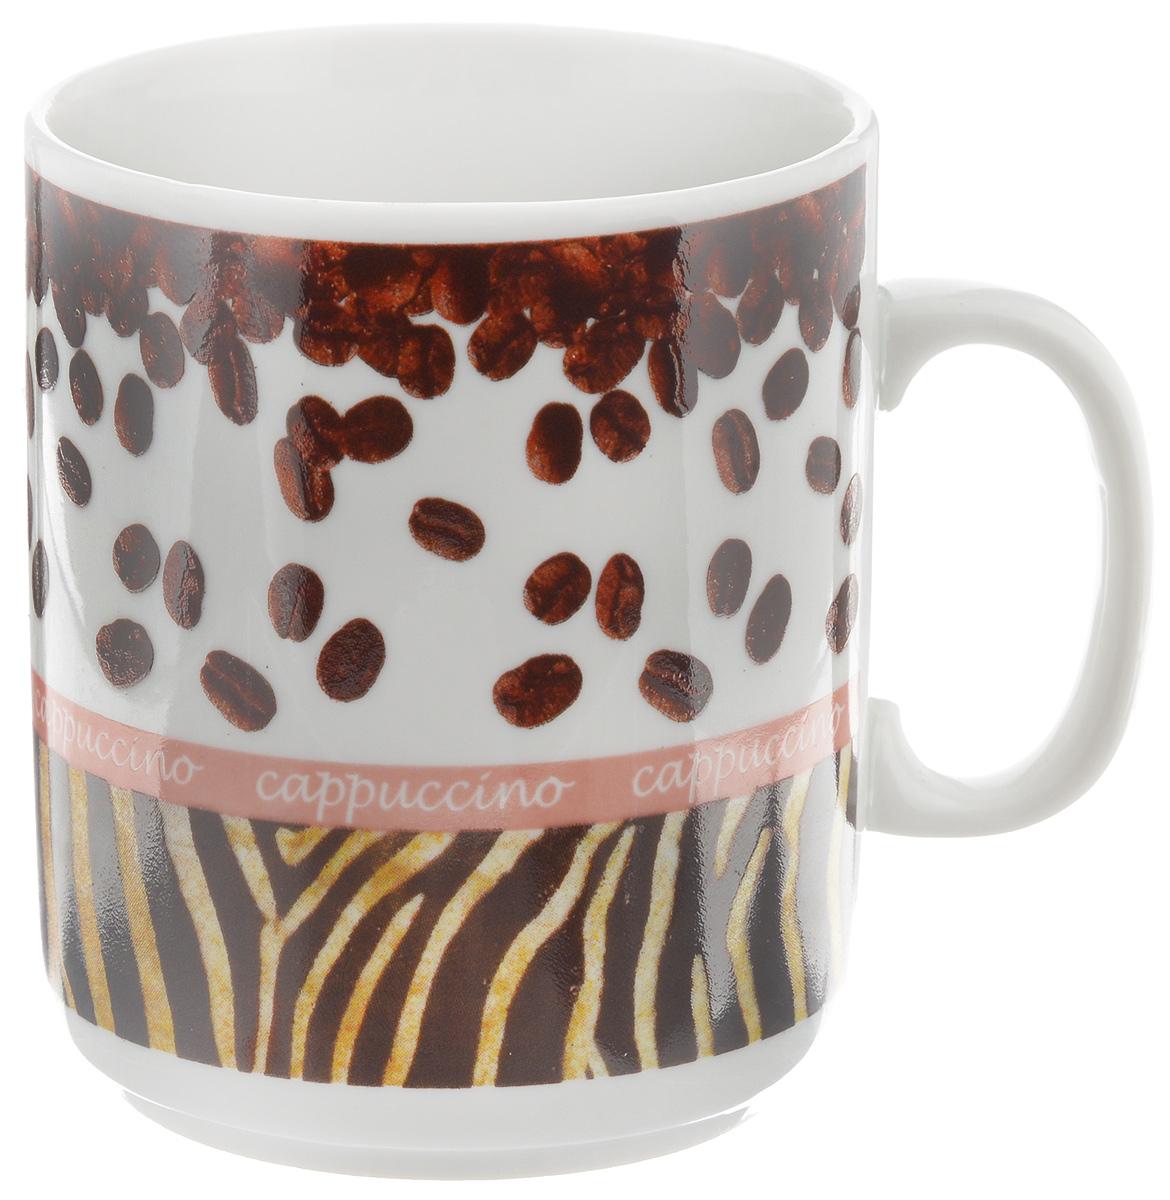 Кружка Фарфор Вербилок Капучино, 300 мл391602Кружка Фарфор Вербилок Капучино способна скрасить любое чаепитие. Изделие выполнено из высококачественного фарфора. Посуда из такого материала позволяет сохранить истинный вкус напитка, а также помогает ему дольше оставаться теплым.Диаметр по верхнему краю: 8 см.Высота кружки: 9,5 см.Объем кружки: 300 мл.